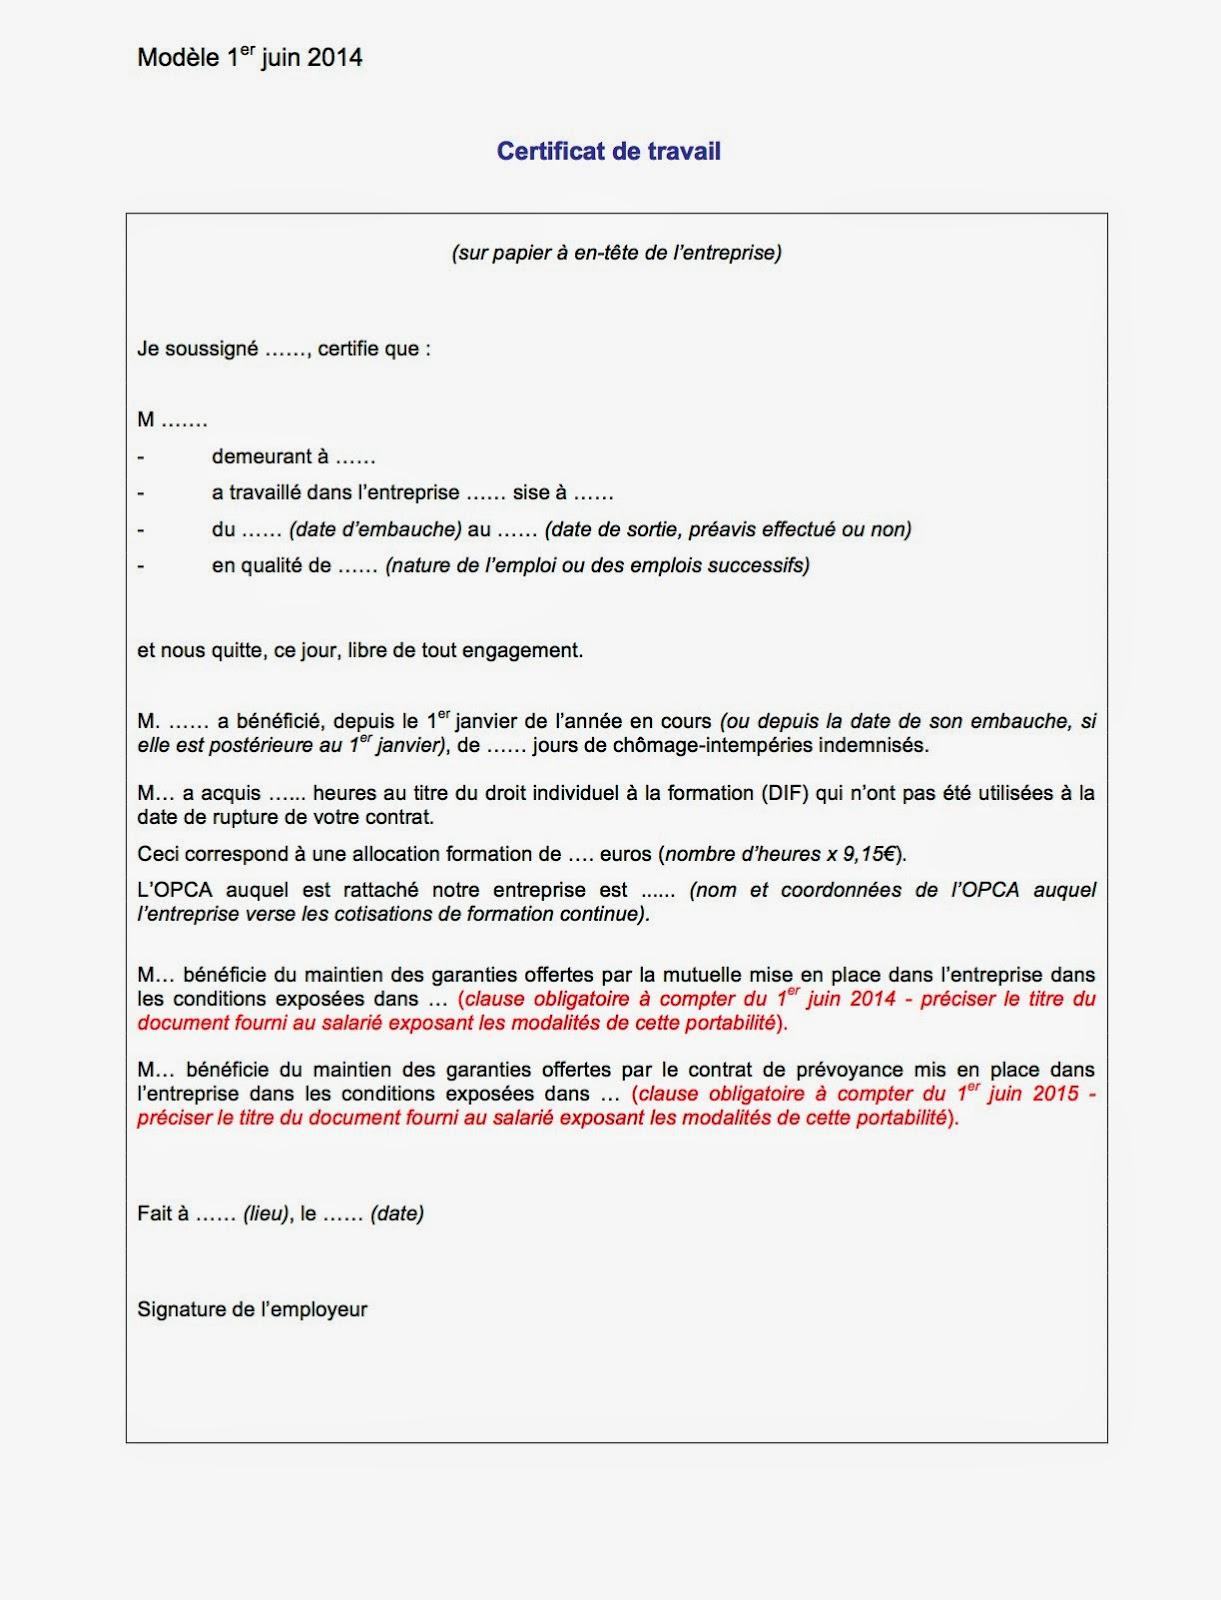 Objectif Formation Paie: Certificat de travail - Juin 2014